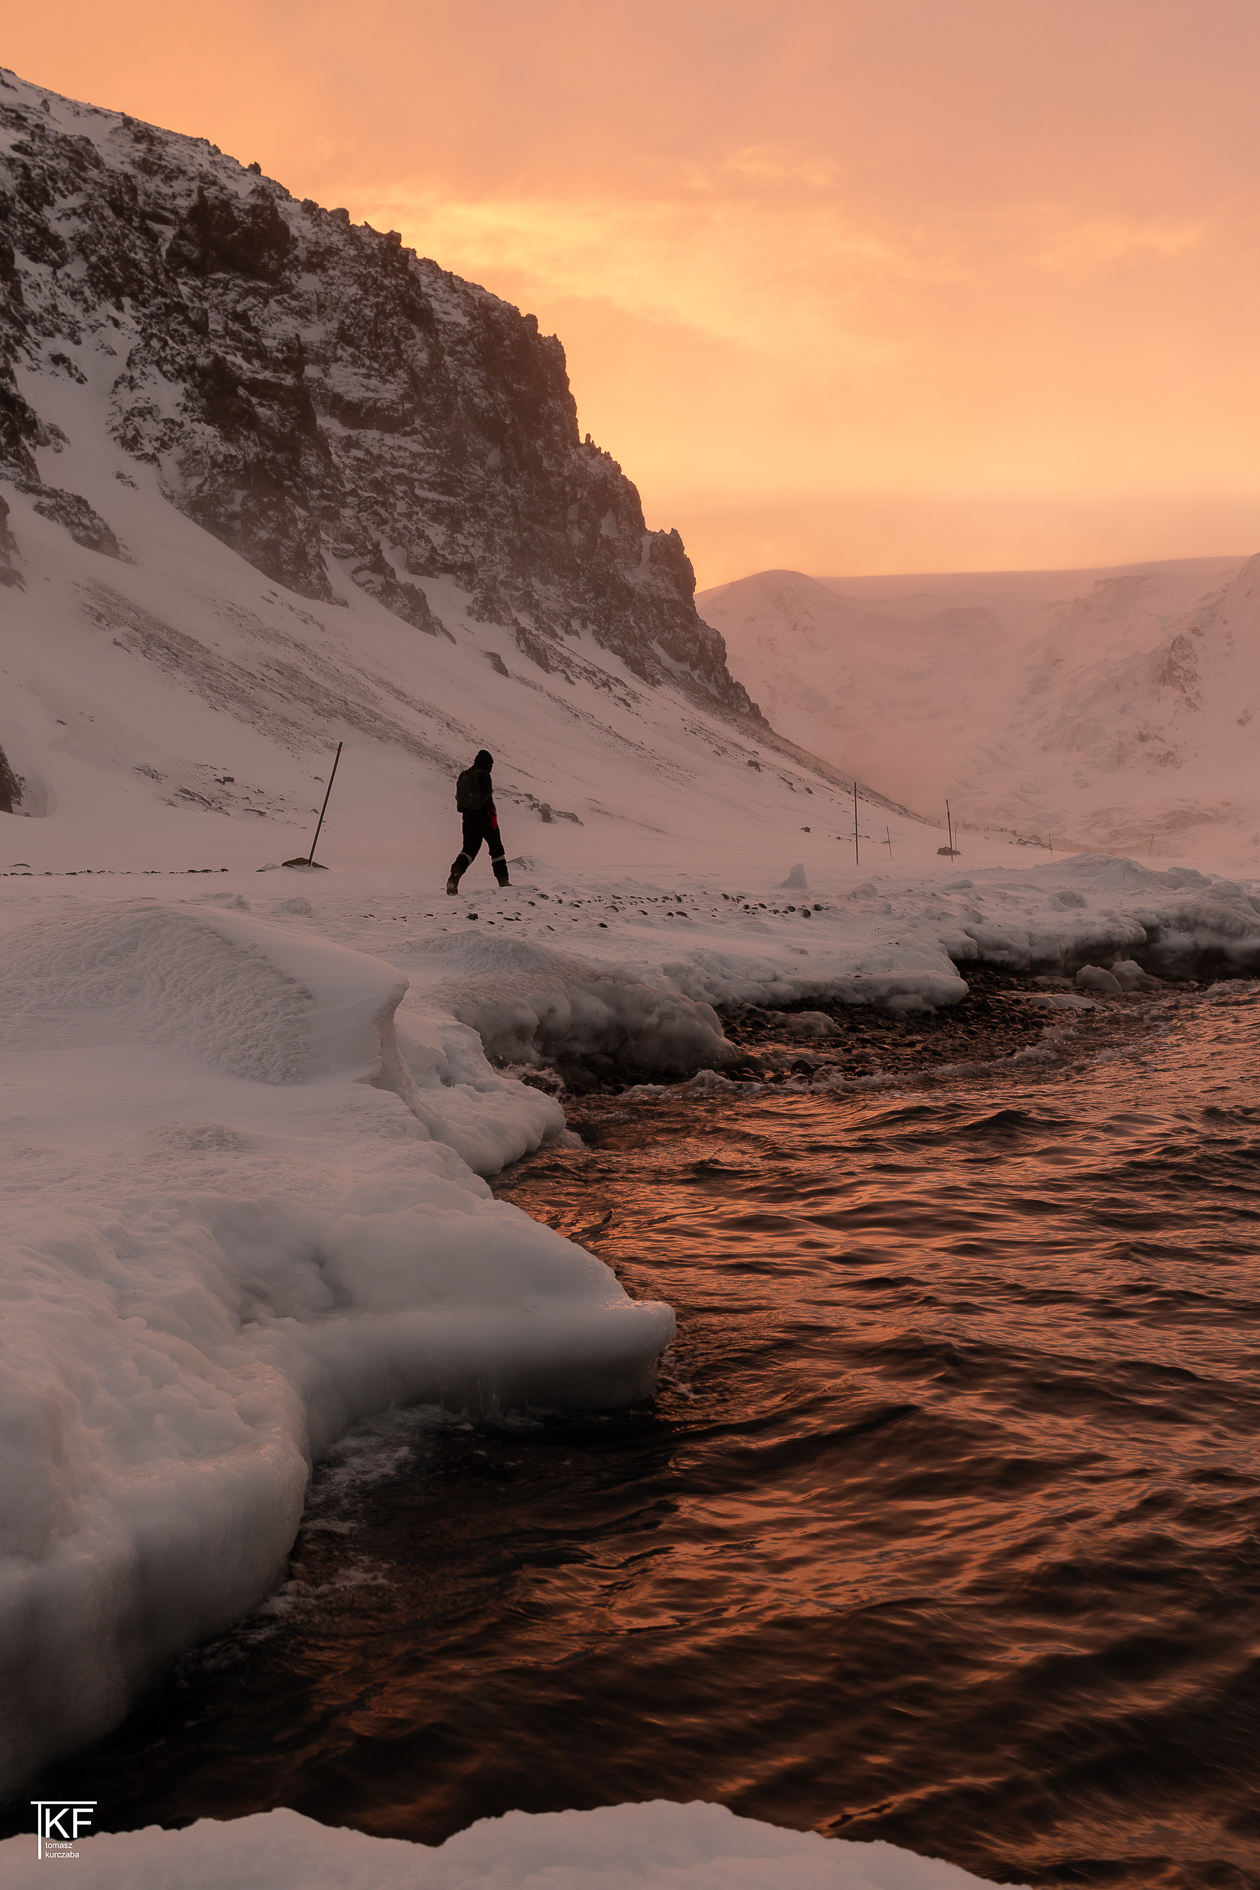 Na zdjęciu idący mężczyzna, dookoła pokrywa śnieżna, i woda, w której odbija się wieczorne, pomarańczowe światło, niebo również w kolorze pomarańczowym.